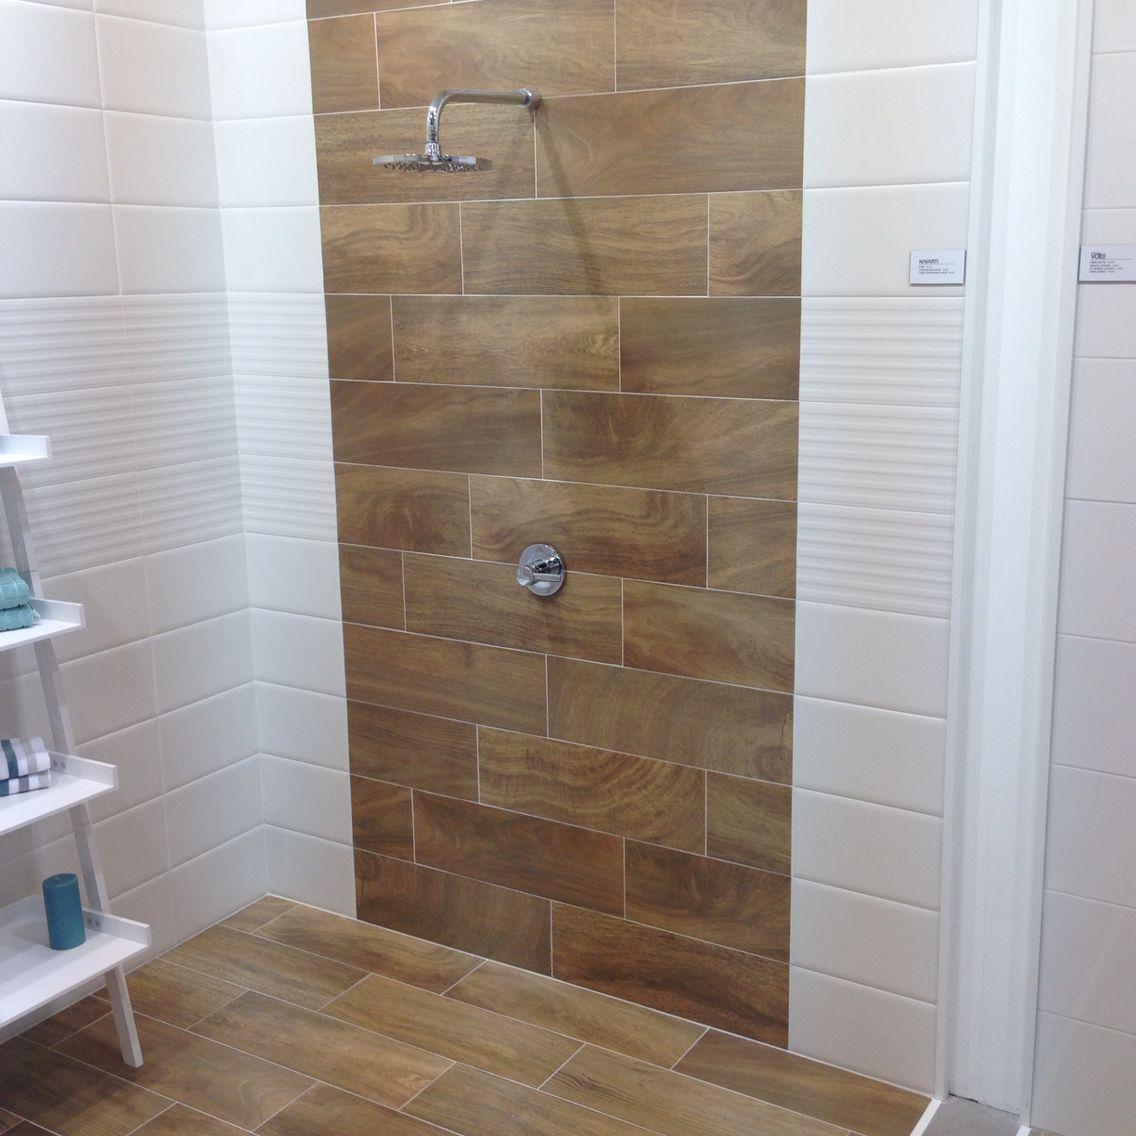 Houtlook tegels tegen de wand in de badkamer houtlook tegels keramisch parket pinterest - Tegels badkamers ...